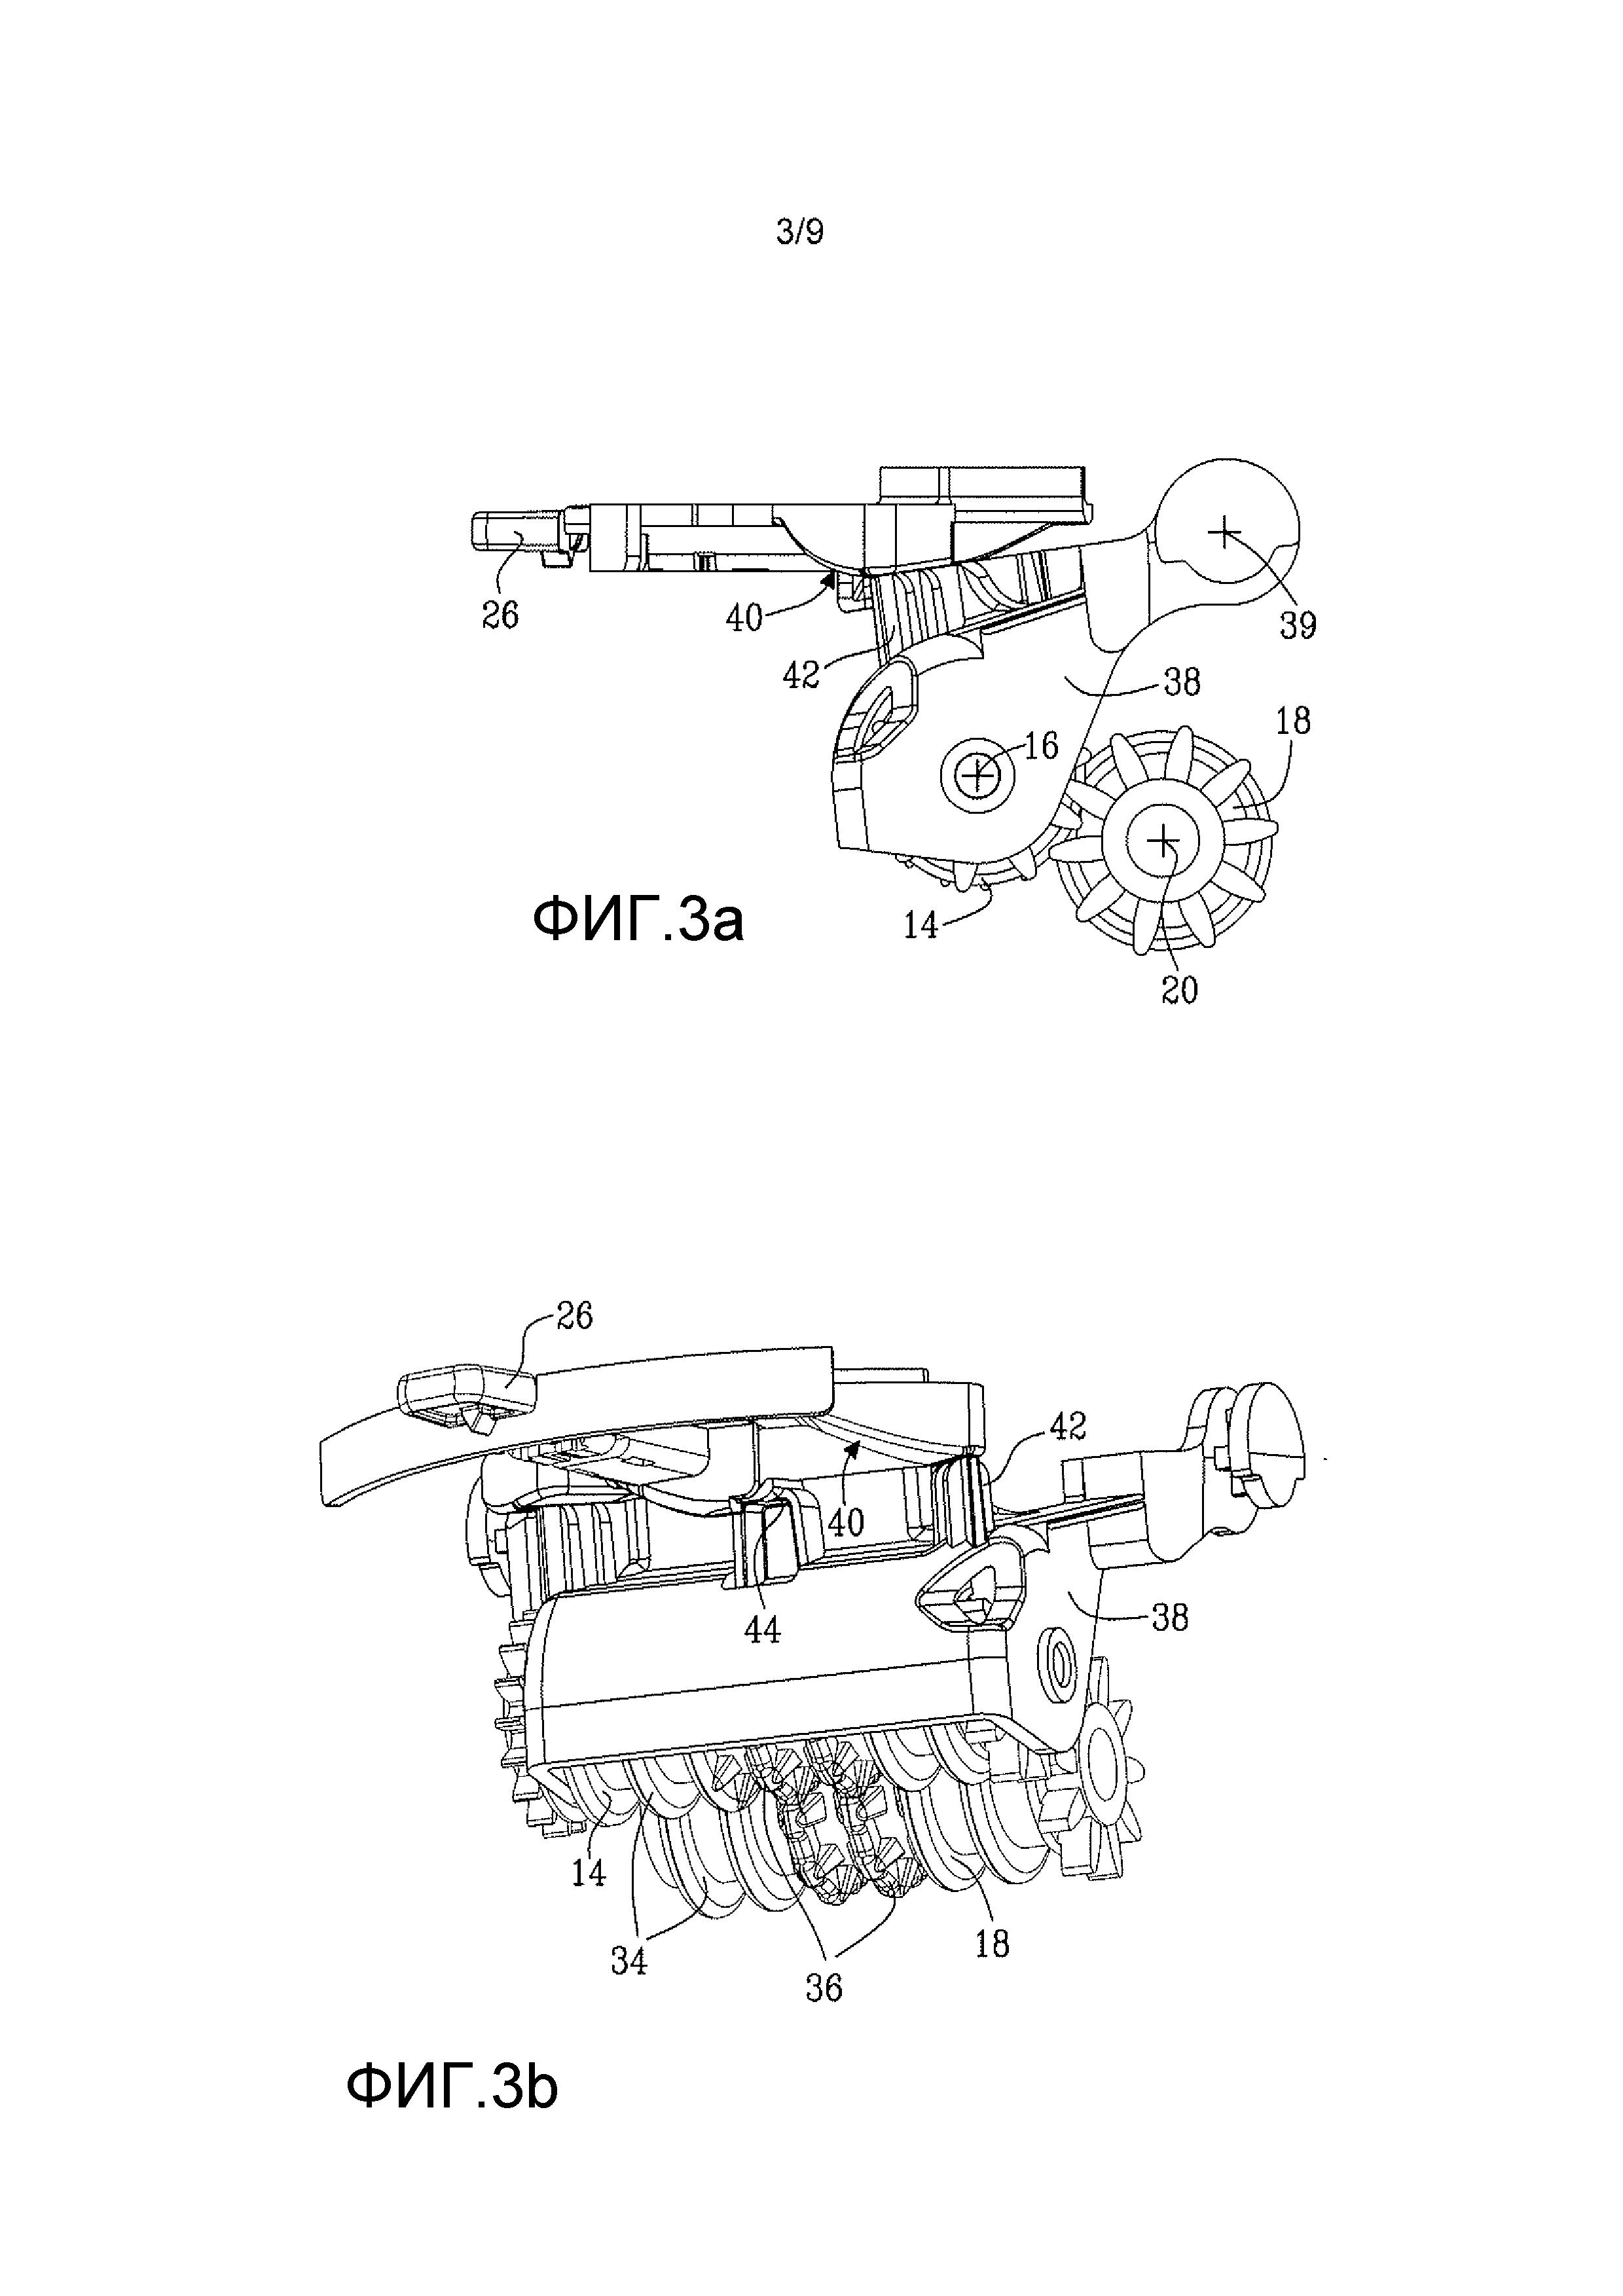 Выдачной блок и выдачное устройство